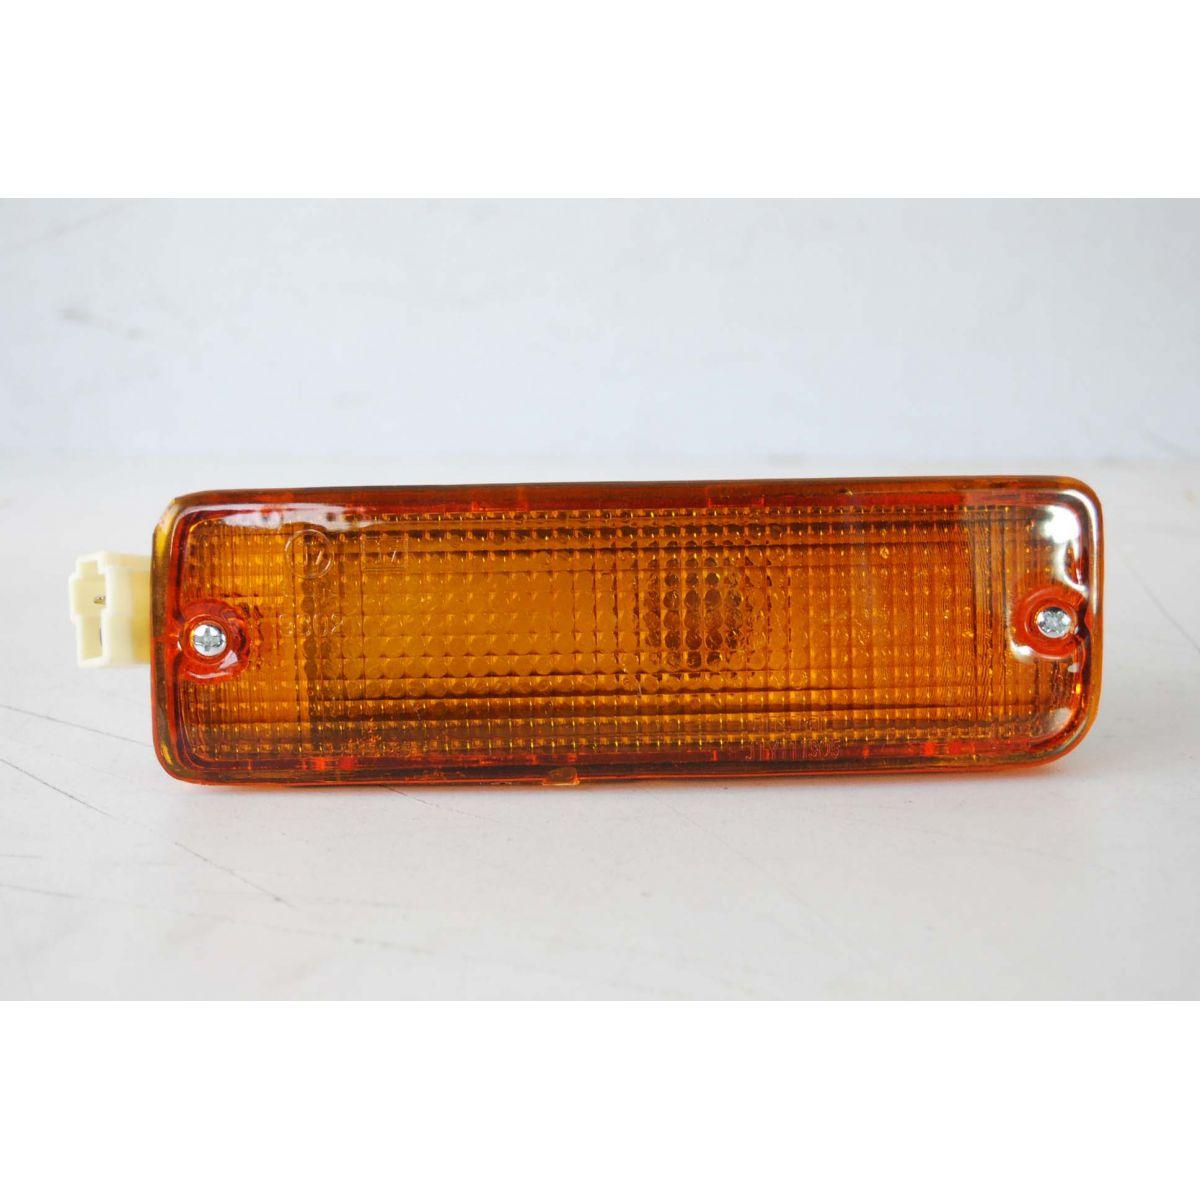 Lanterna Dianteira Pisca Parachoque Hilux 4x2 92 A 98  - Amd Auto Peças